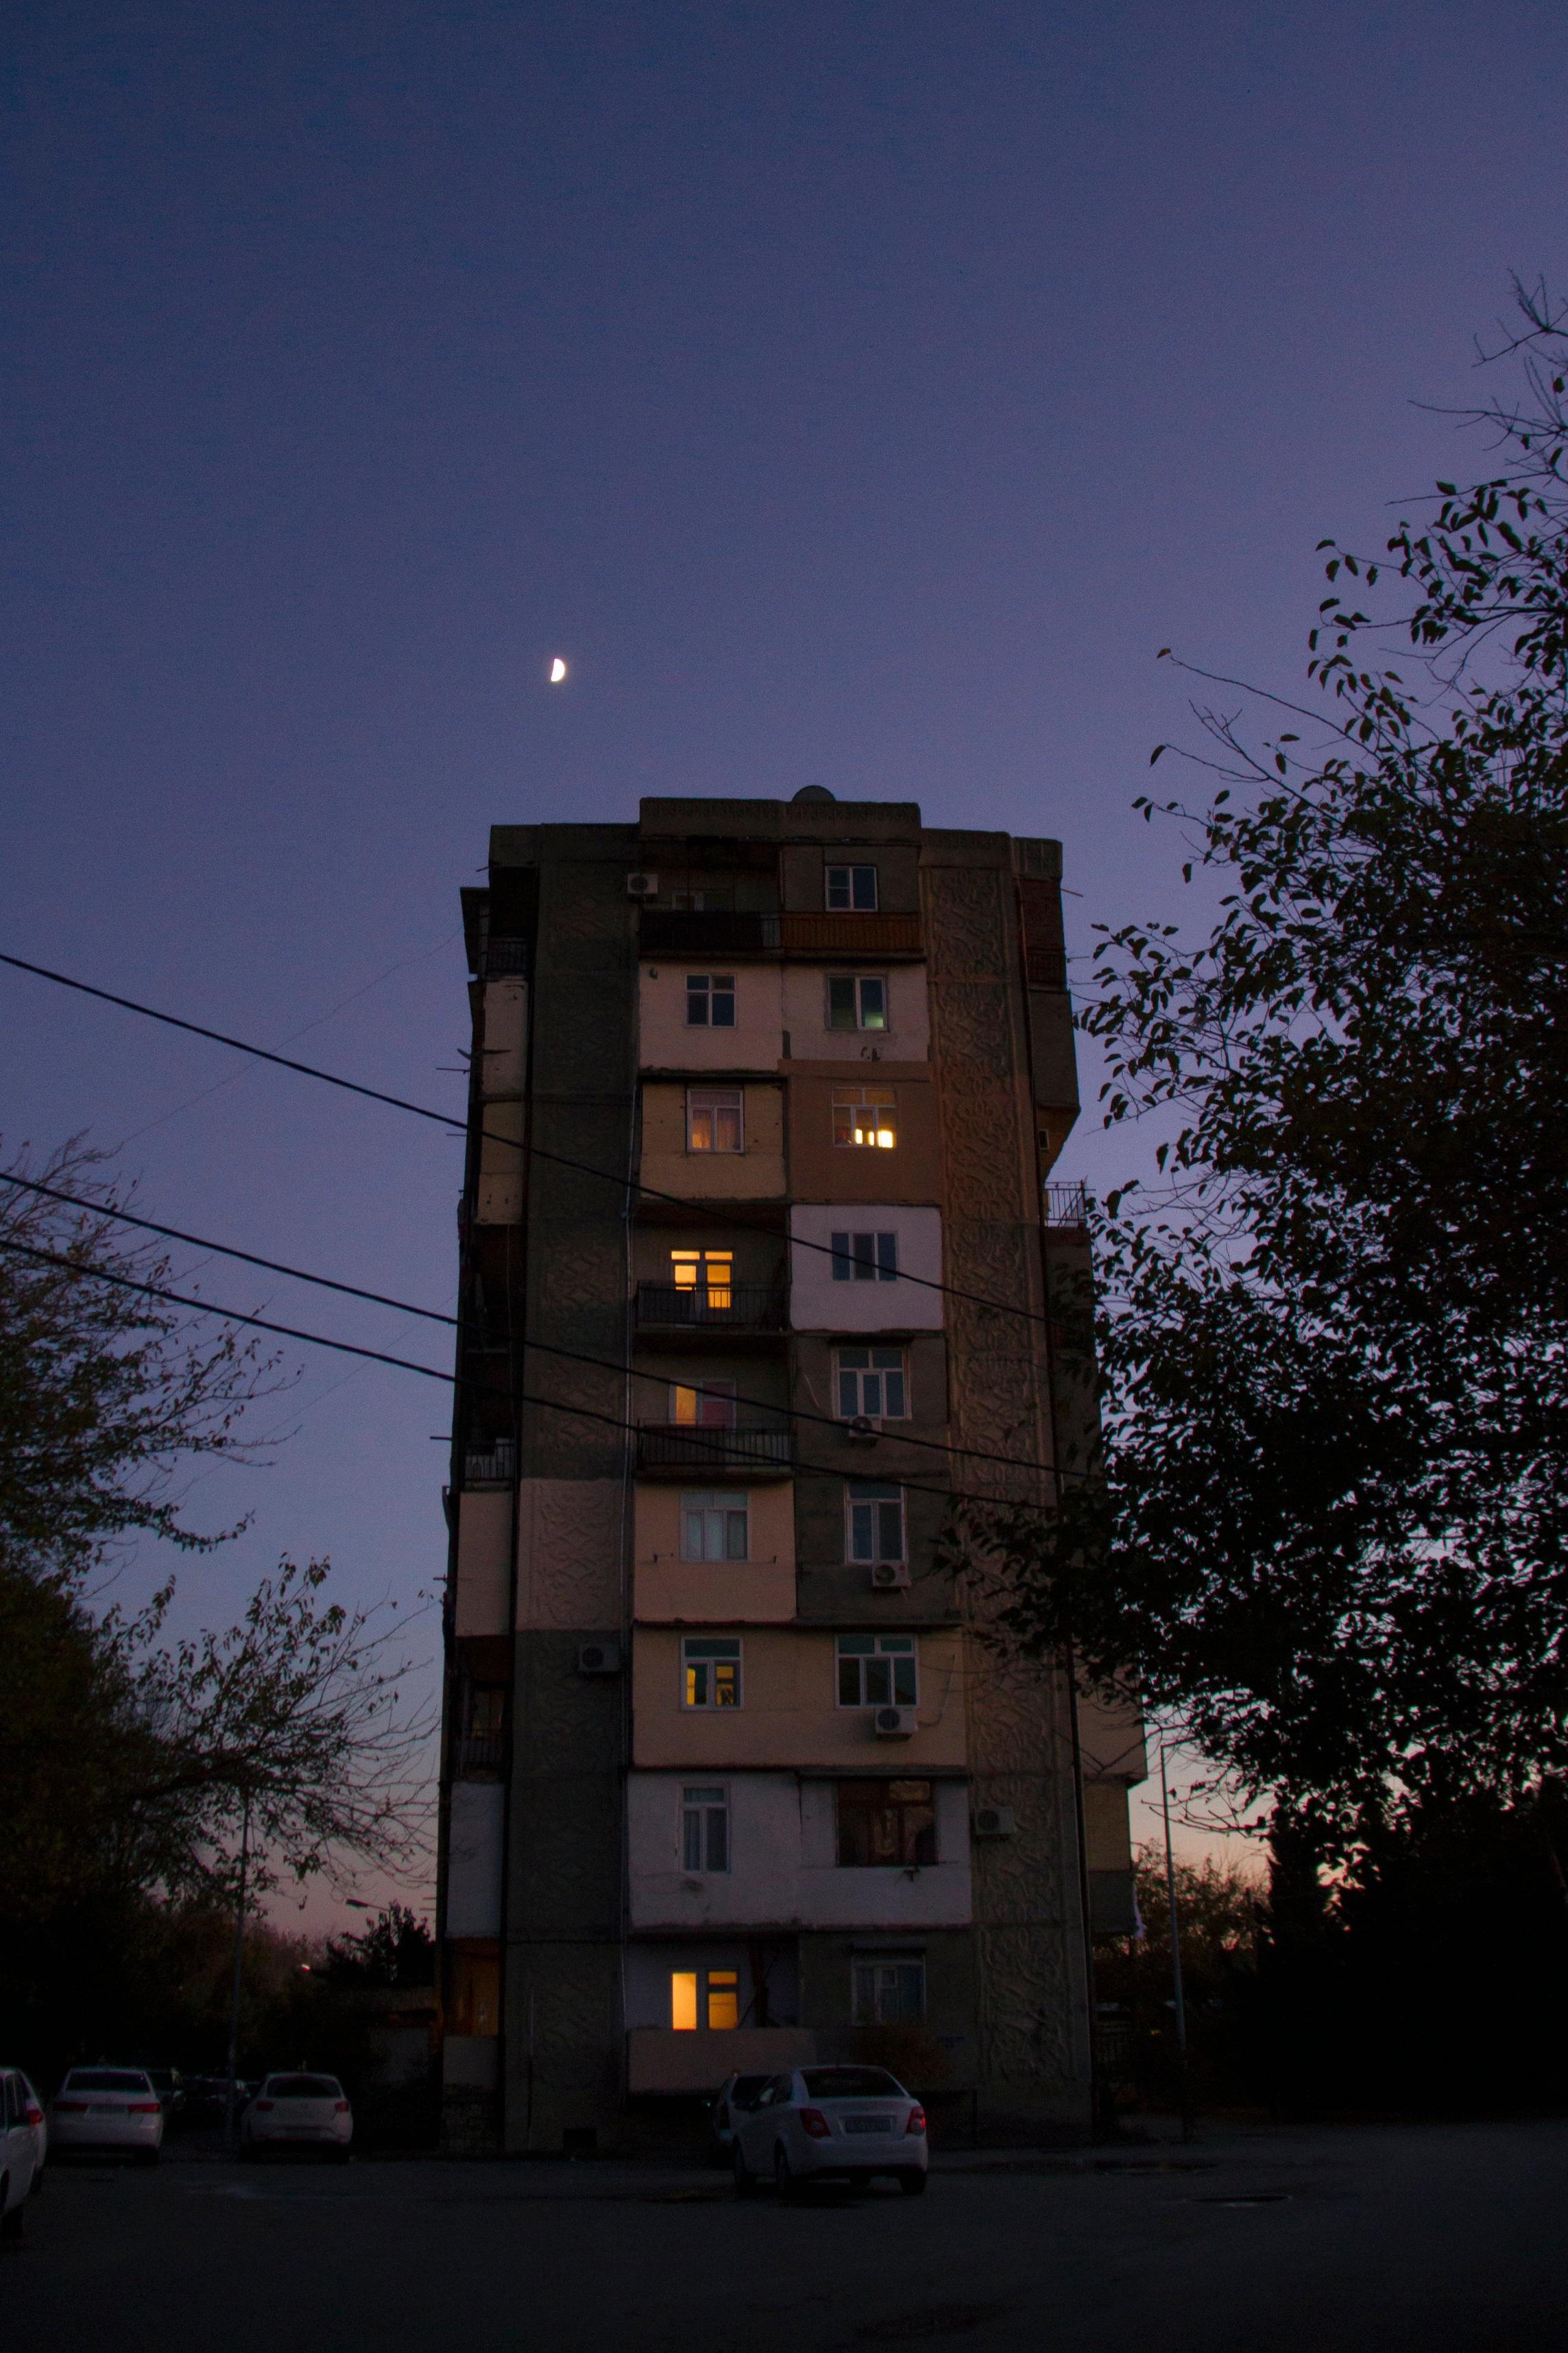 Urban decay 19.jpg